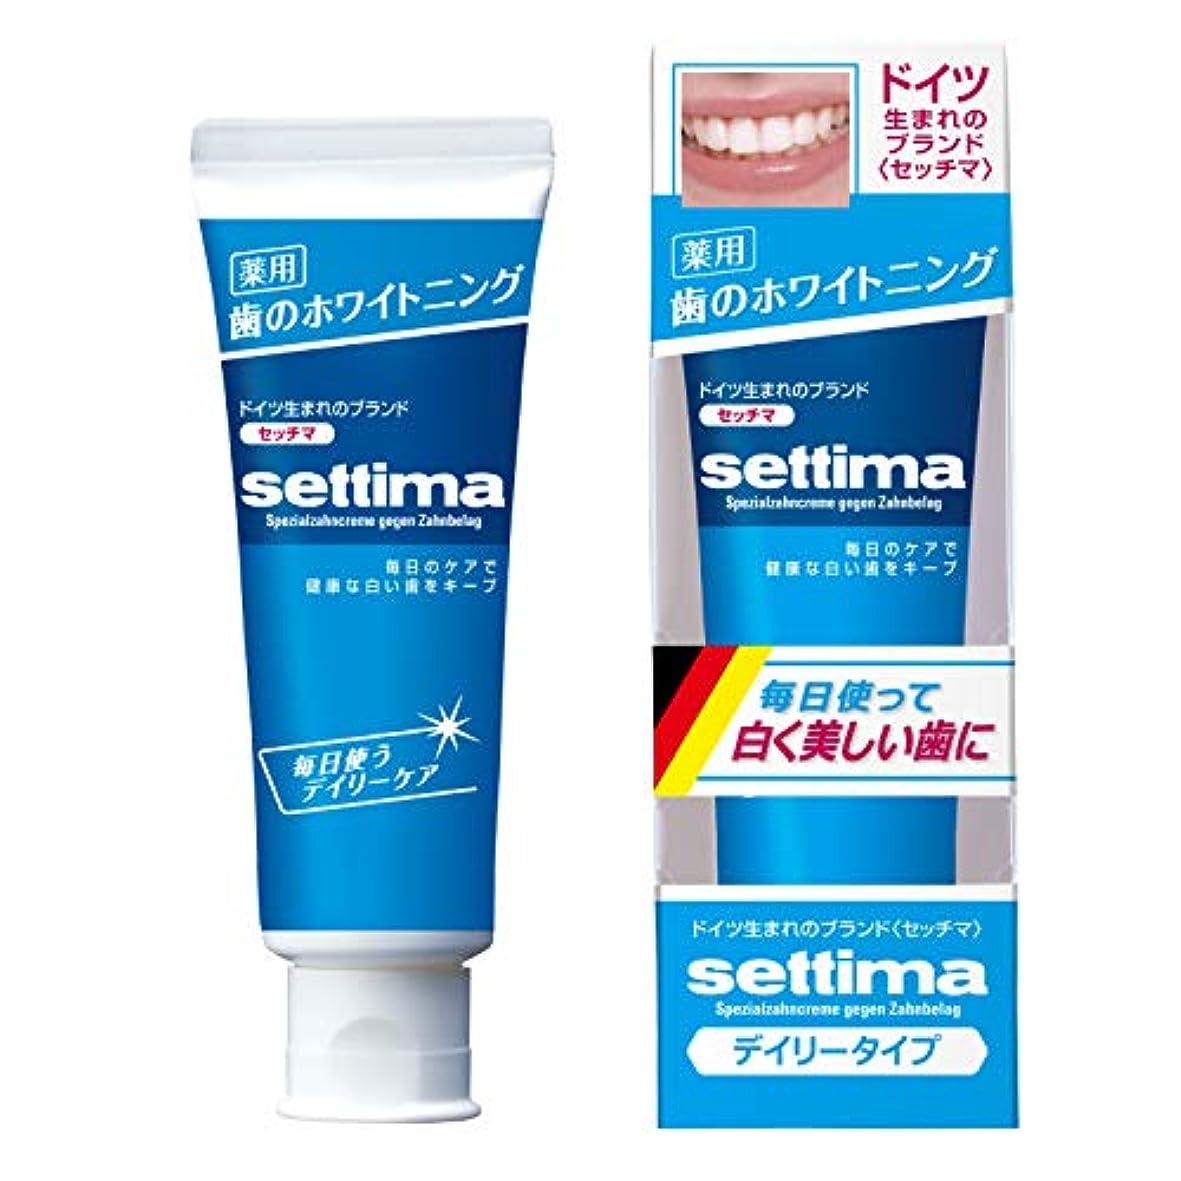 コーラスバットシャー[医薬部外品] settima(セッチマ) ホワイトニング 歯みがき デイリーケア [ファインミントタイプ] <ステインケア タバコのヤニ取り フッ素配合 虫歯予防> 80g